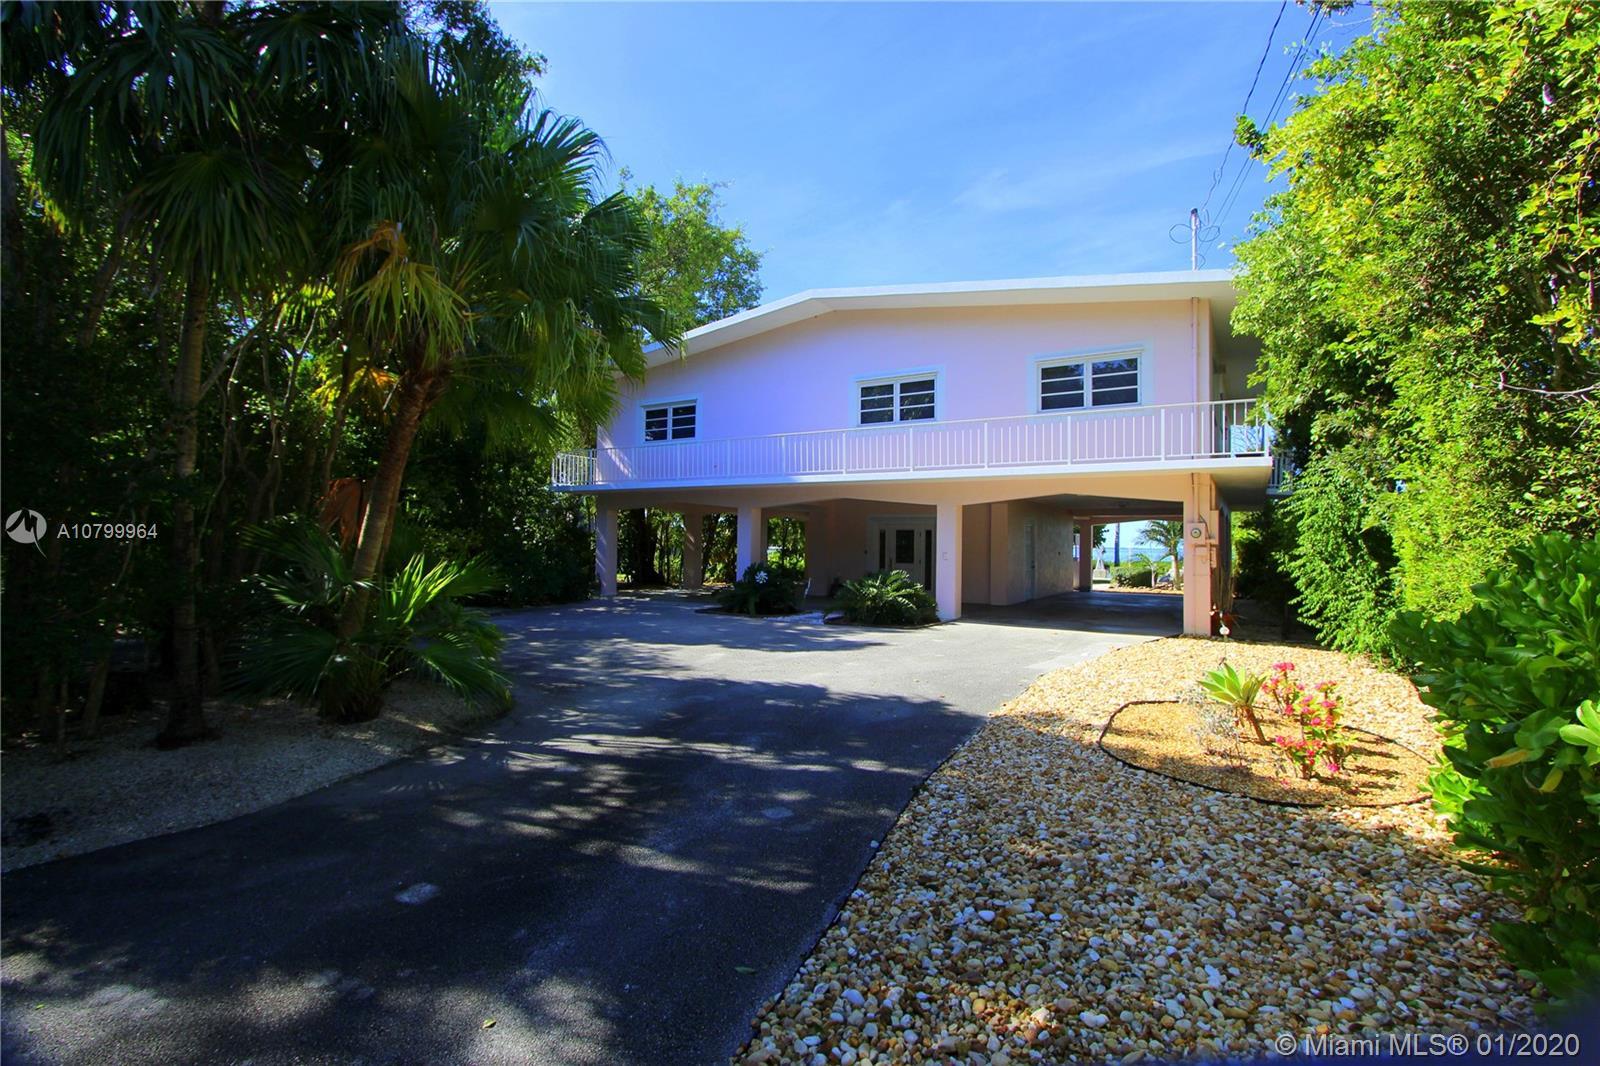 122 E Shore Dr, Key Largo, FL 33037